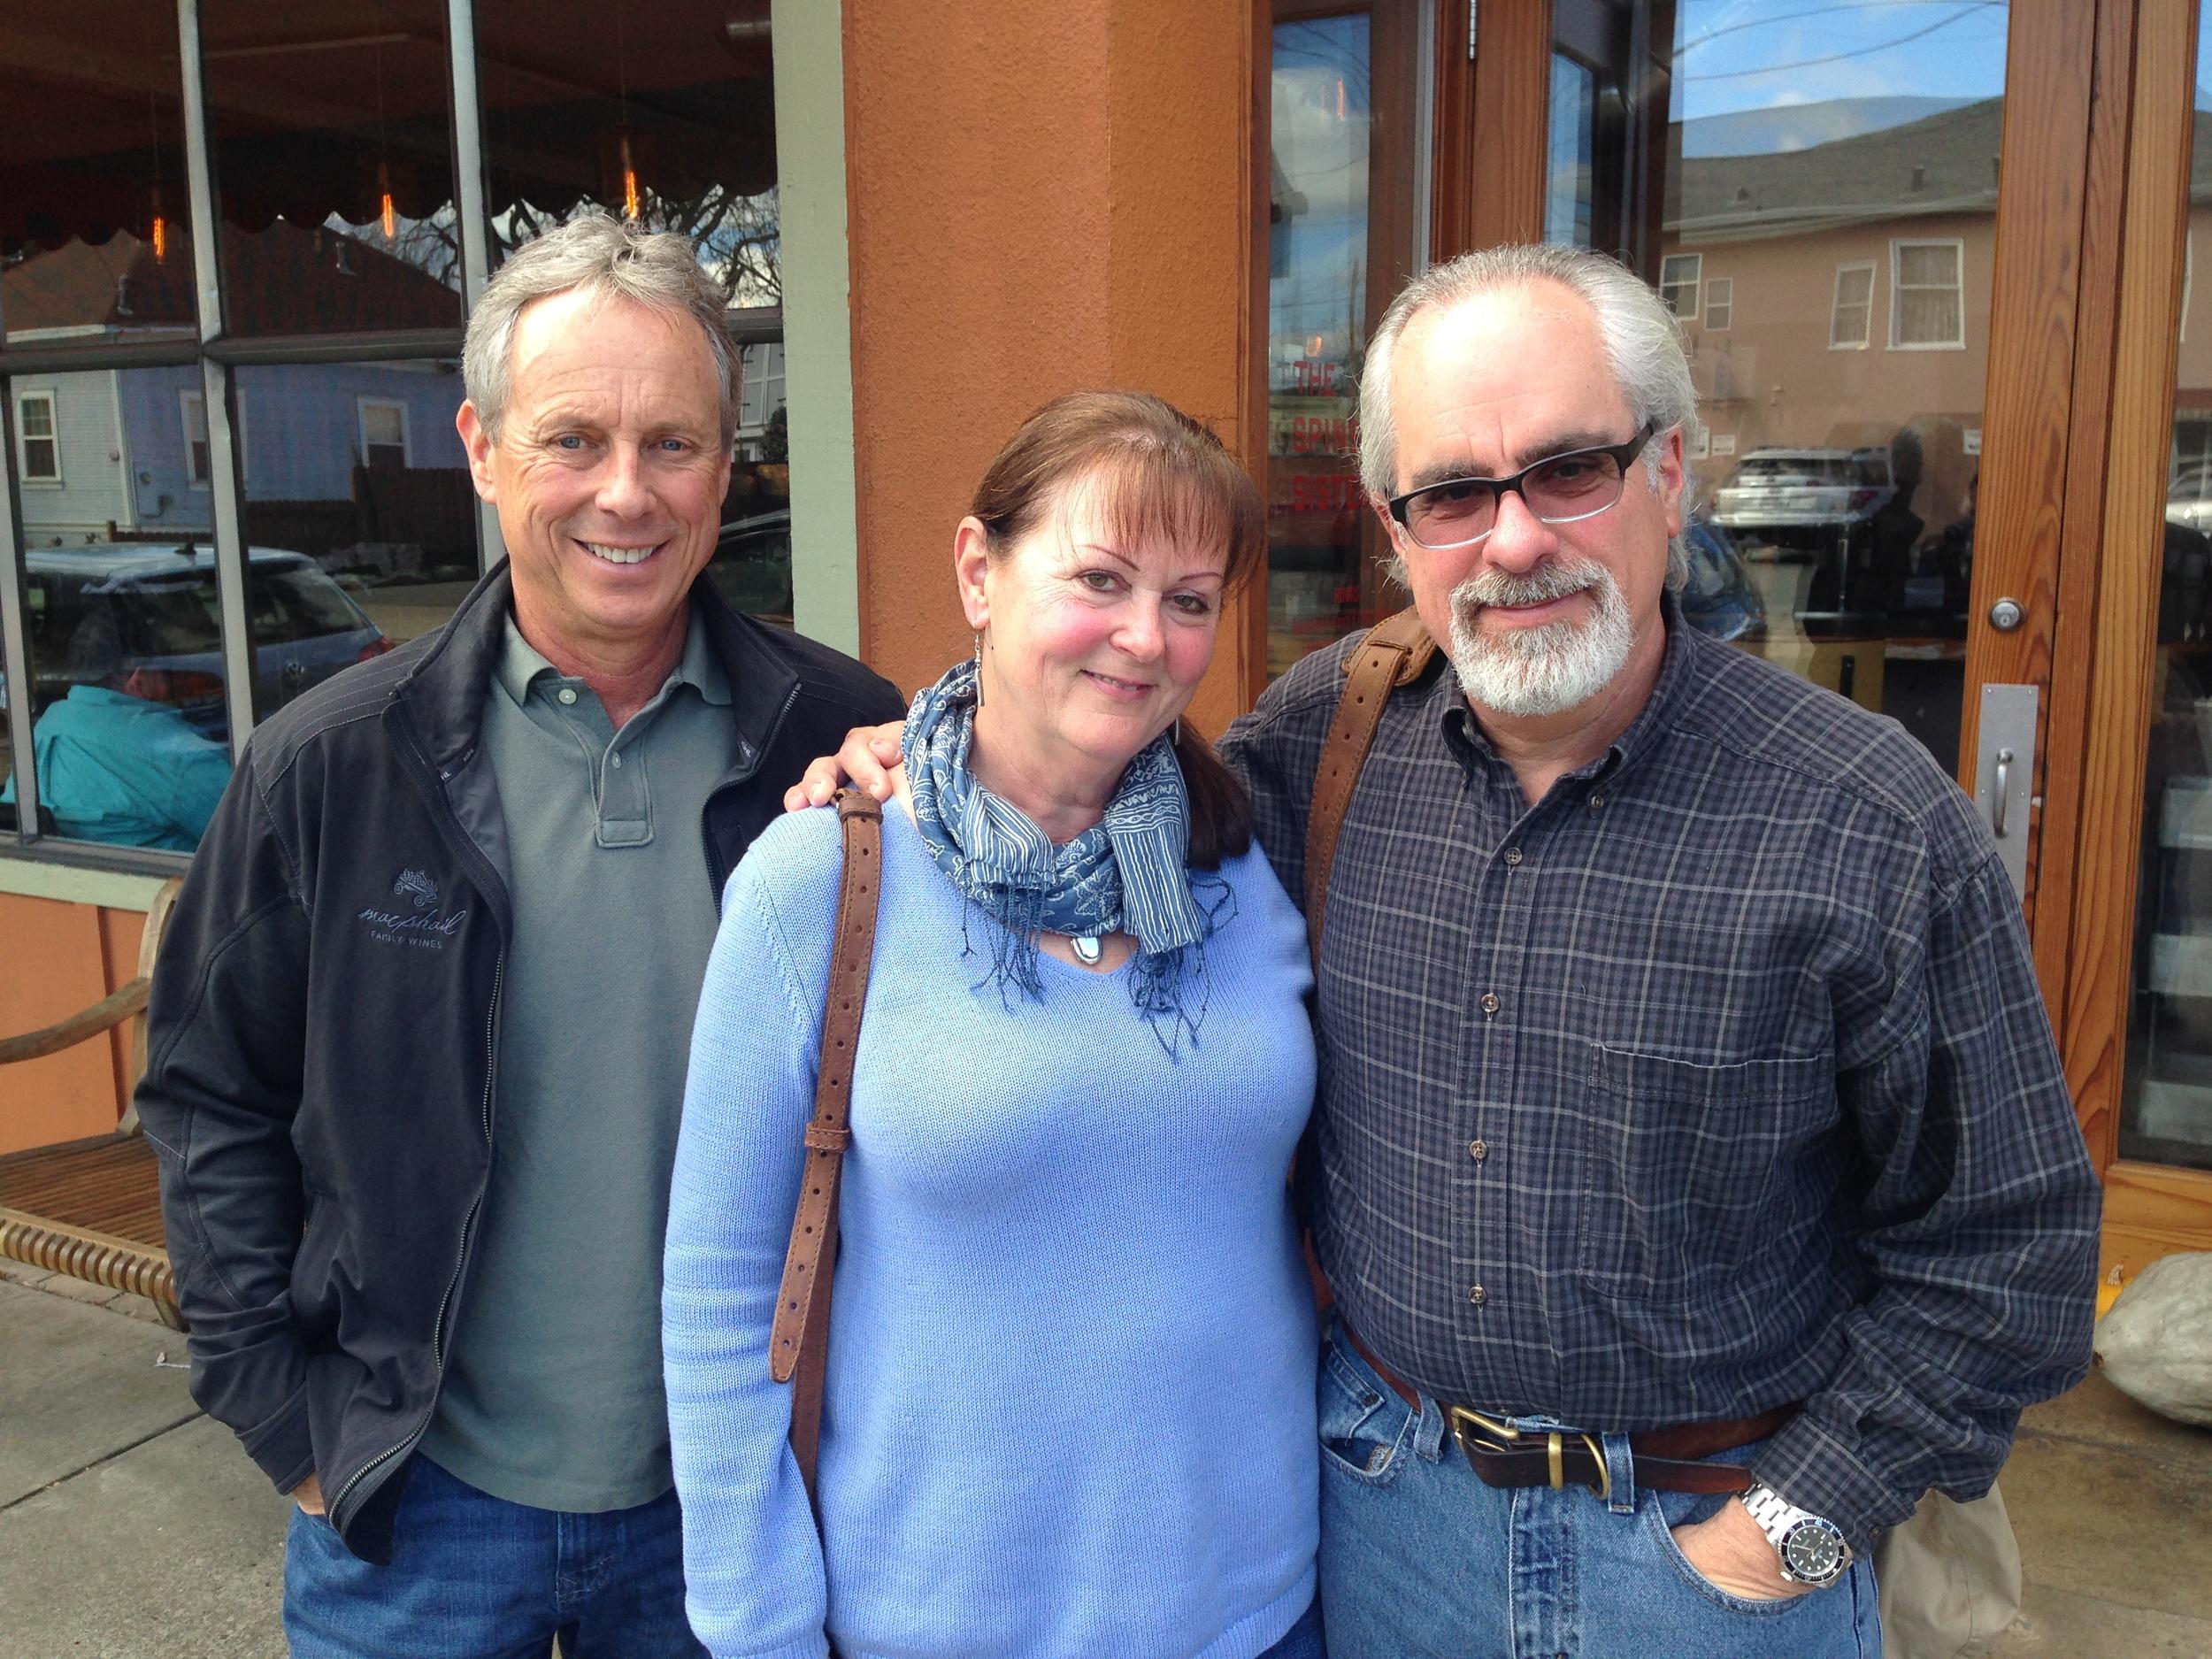 New vineyard manager Jim Pratt, left, with Gantz Family Vineyard owners Celeste and Clay Gantz